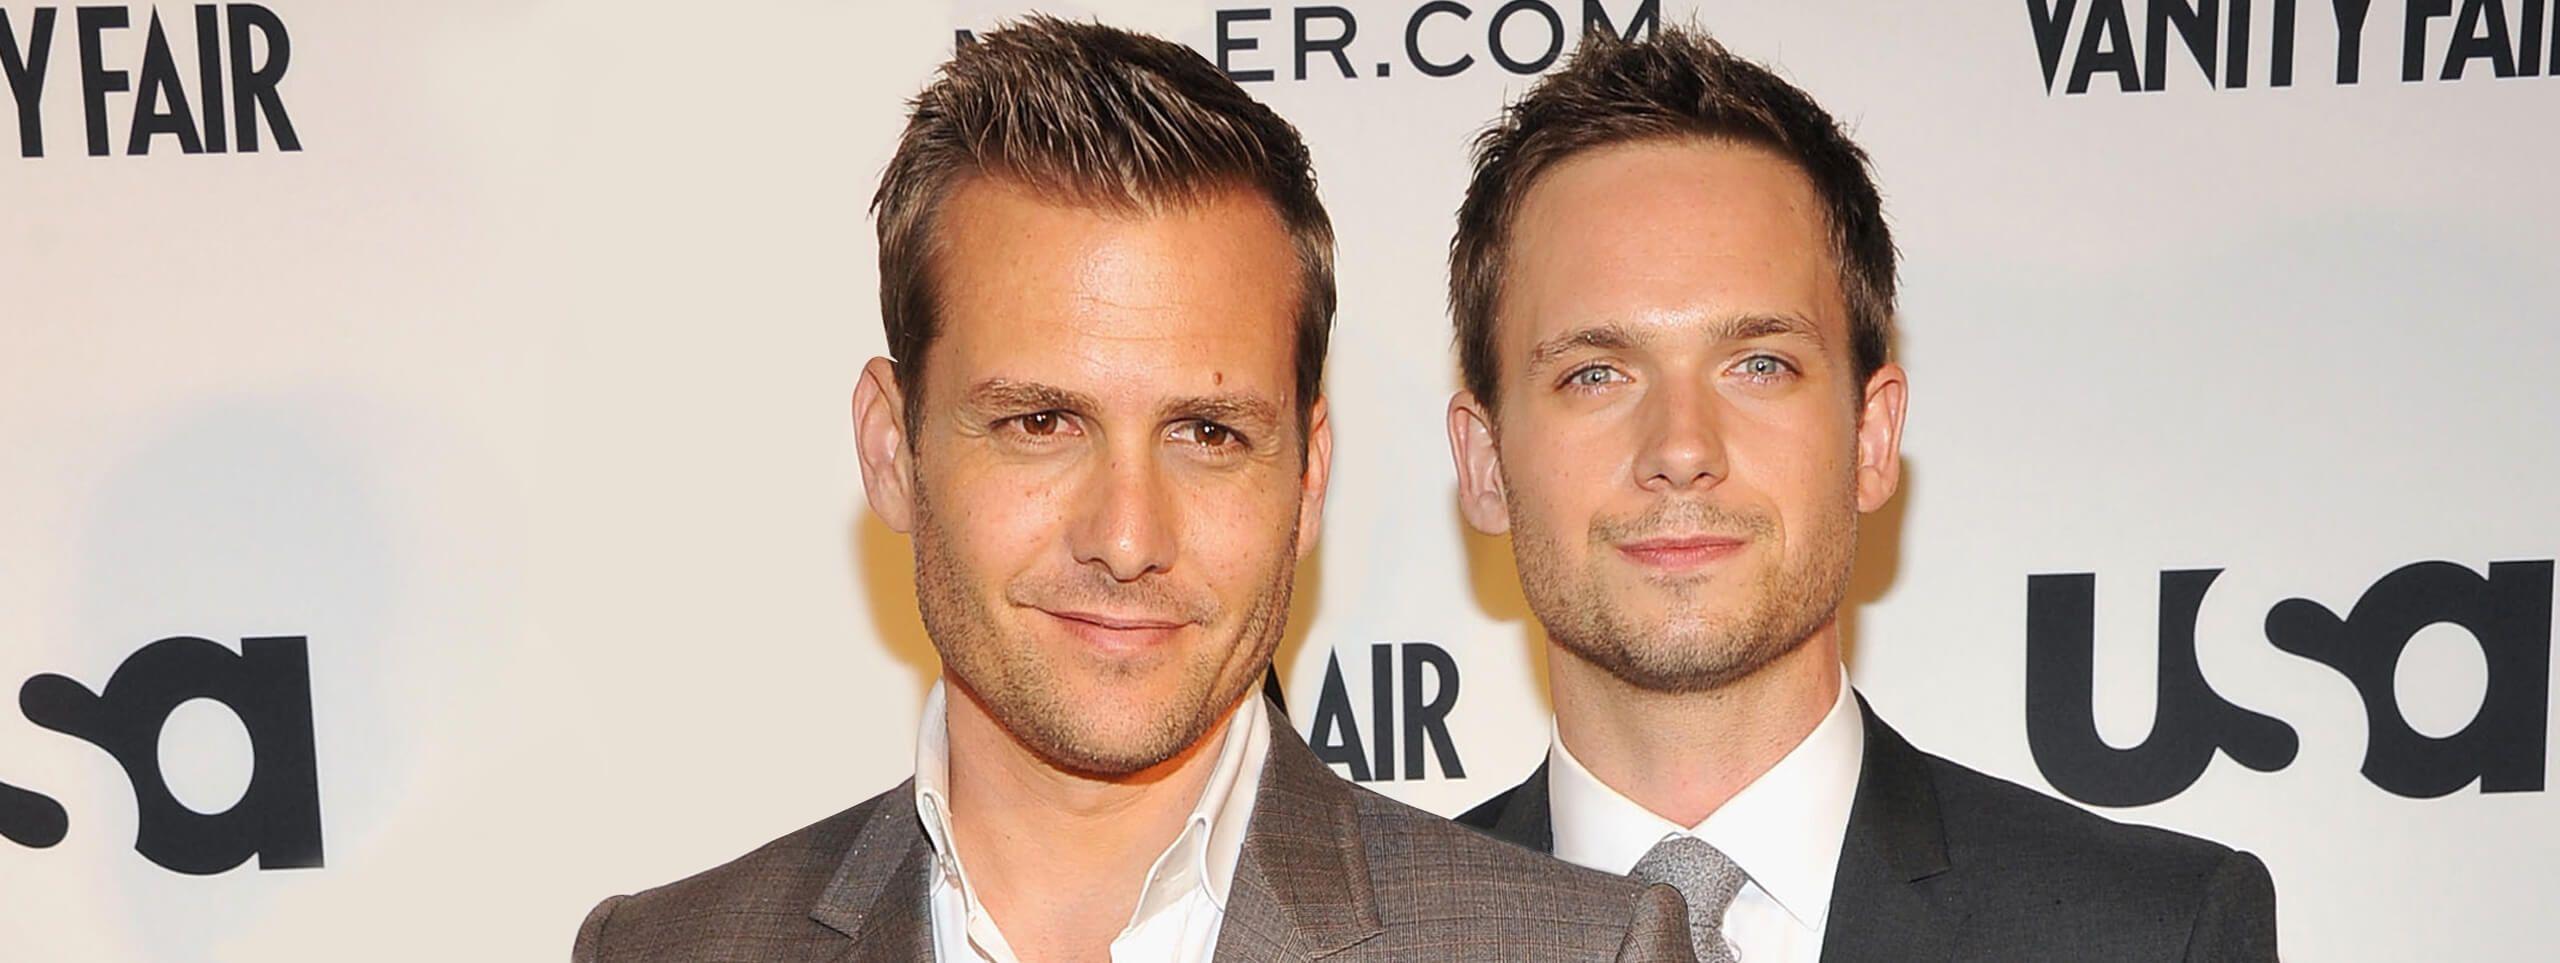 Deux acteurs côte à côte avec des cheveux courts